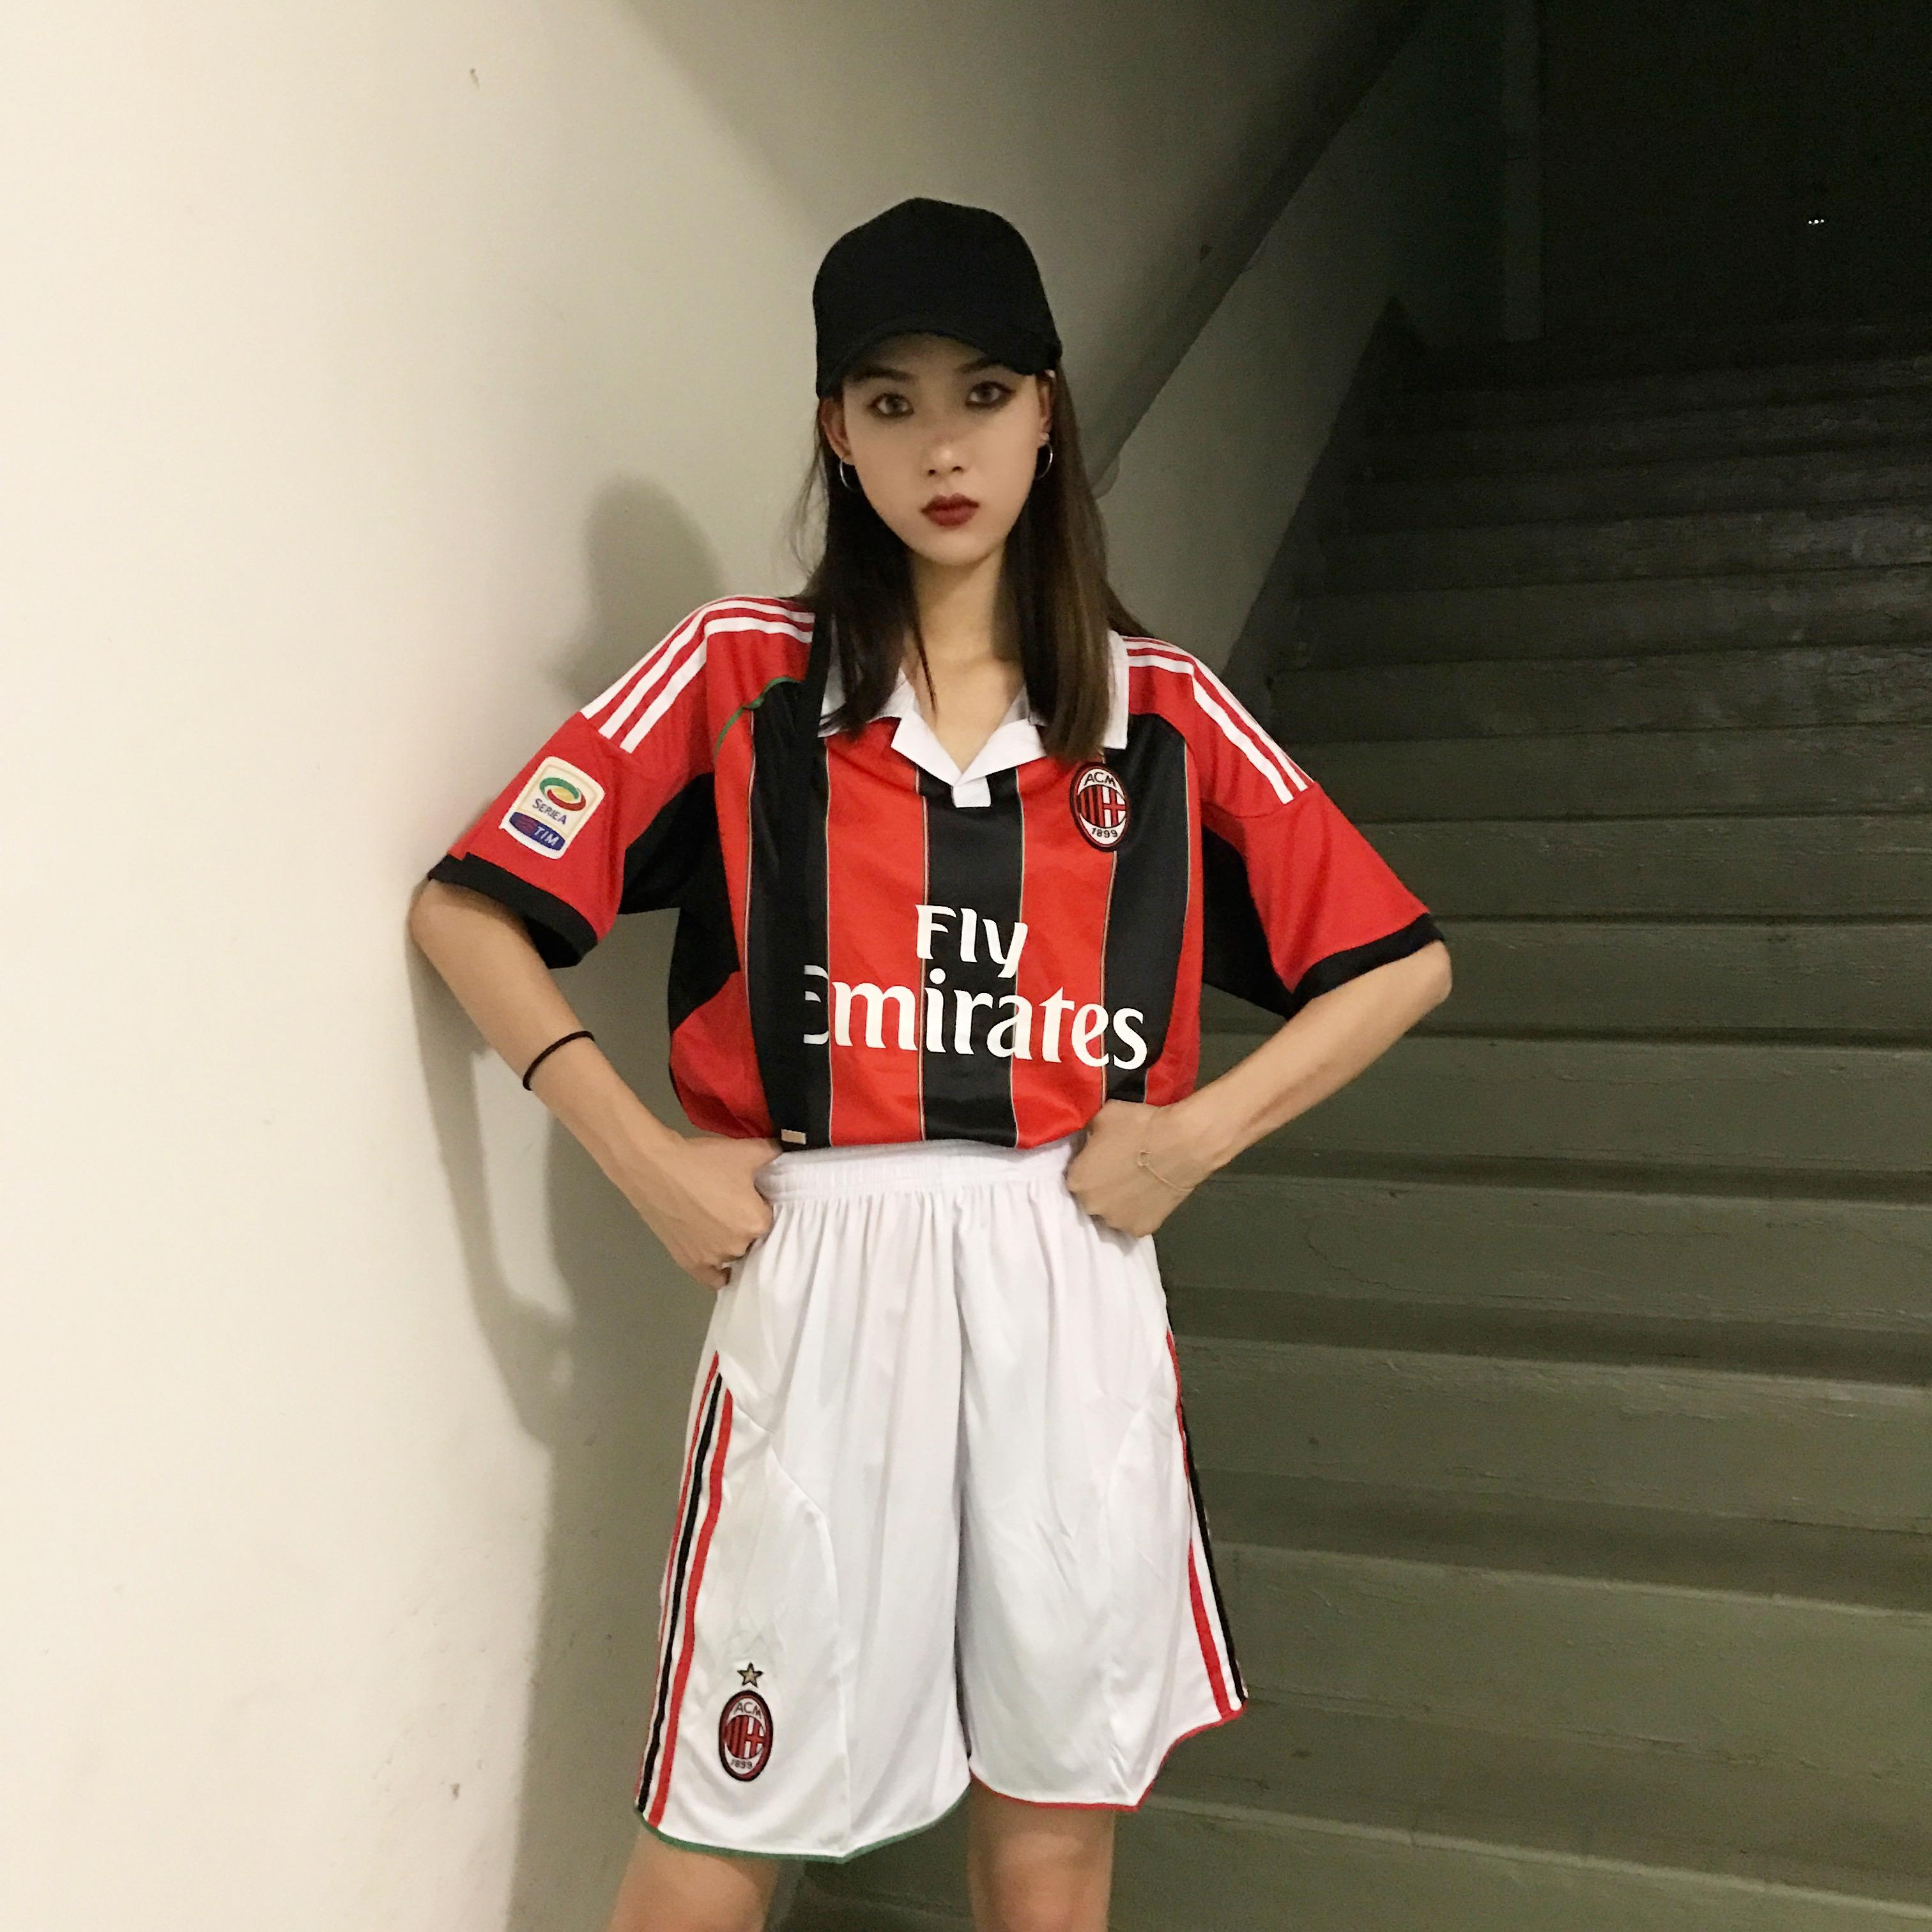 包邮 足球服球服套装 男女可穿 嘻哈韩版学生班服团体套装印数字